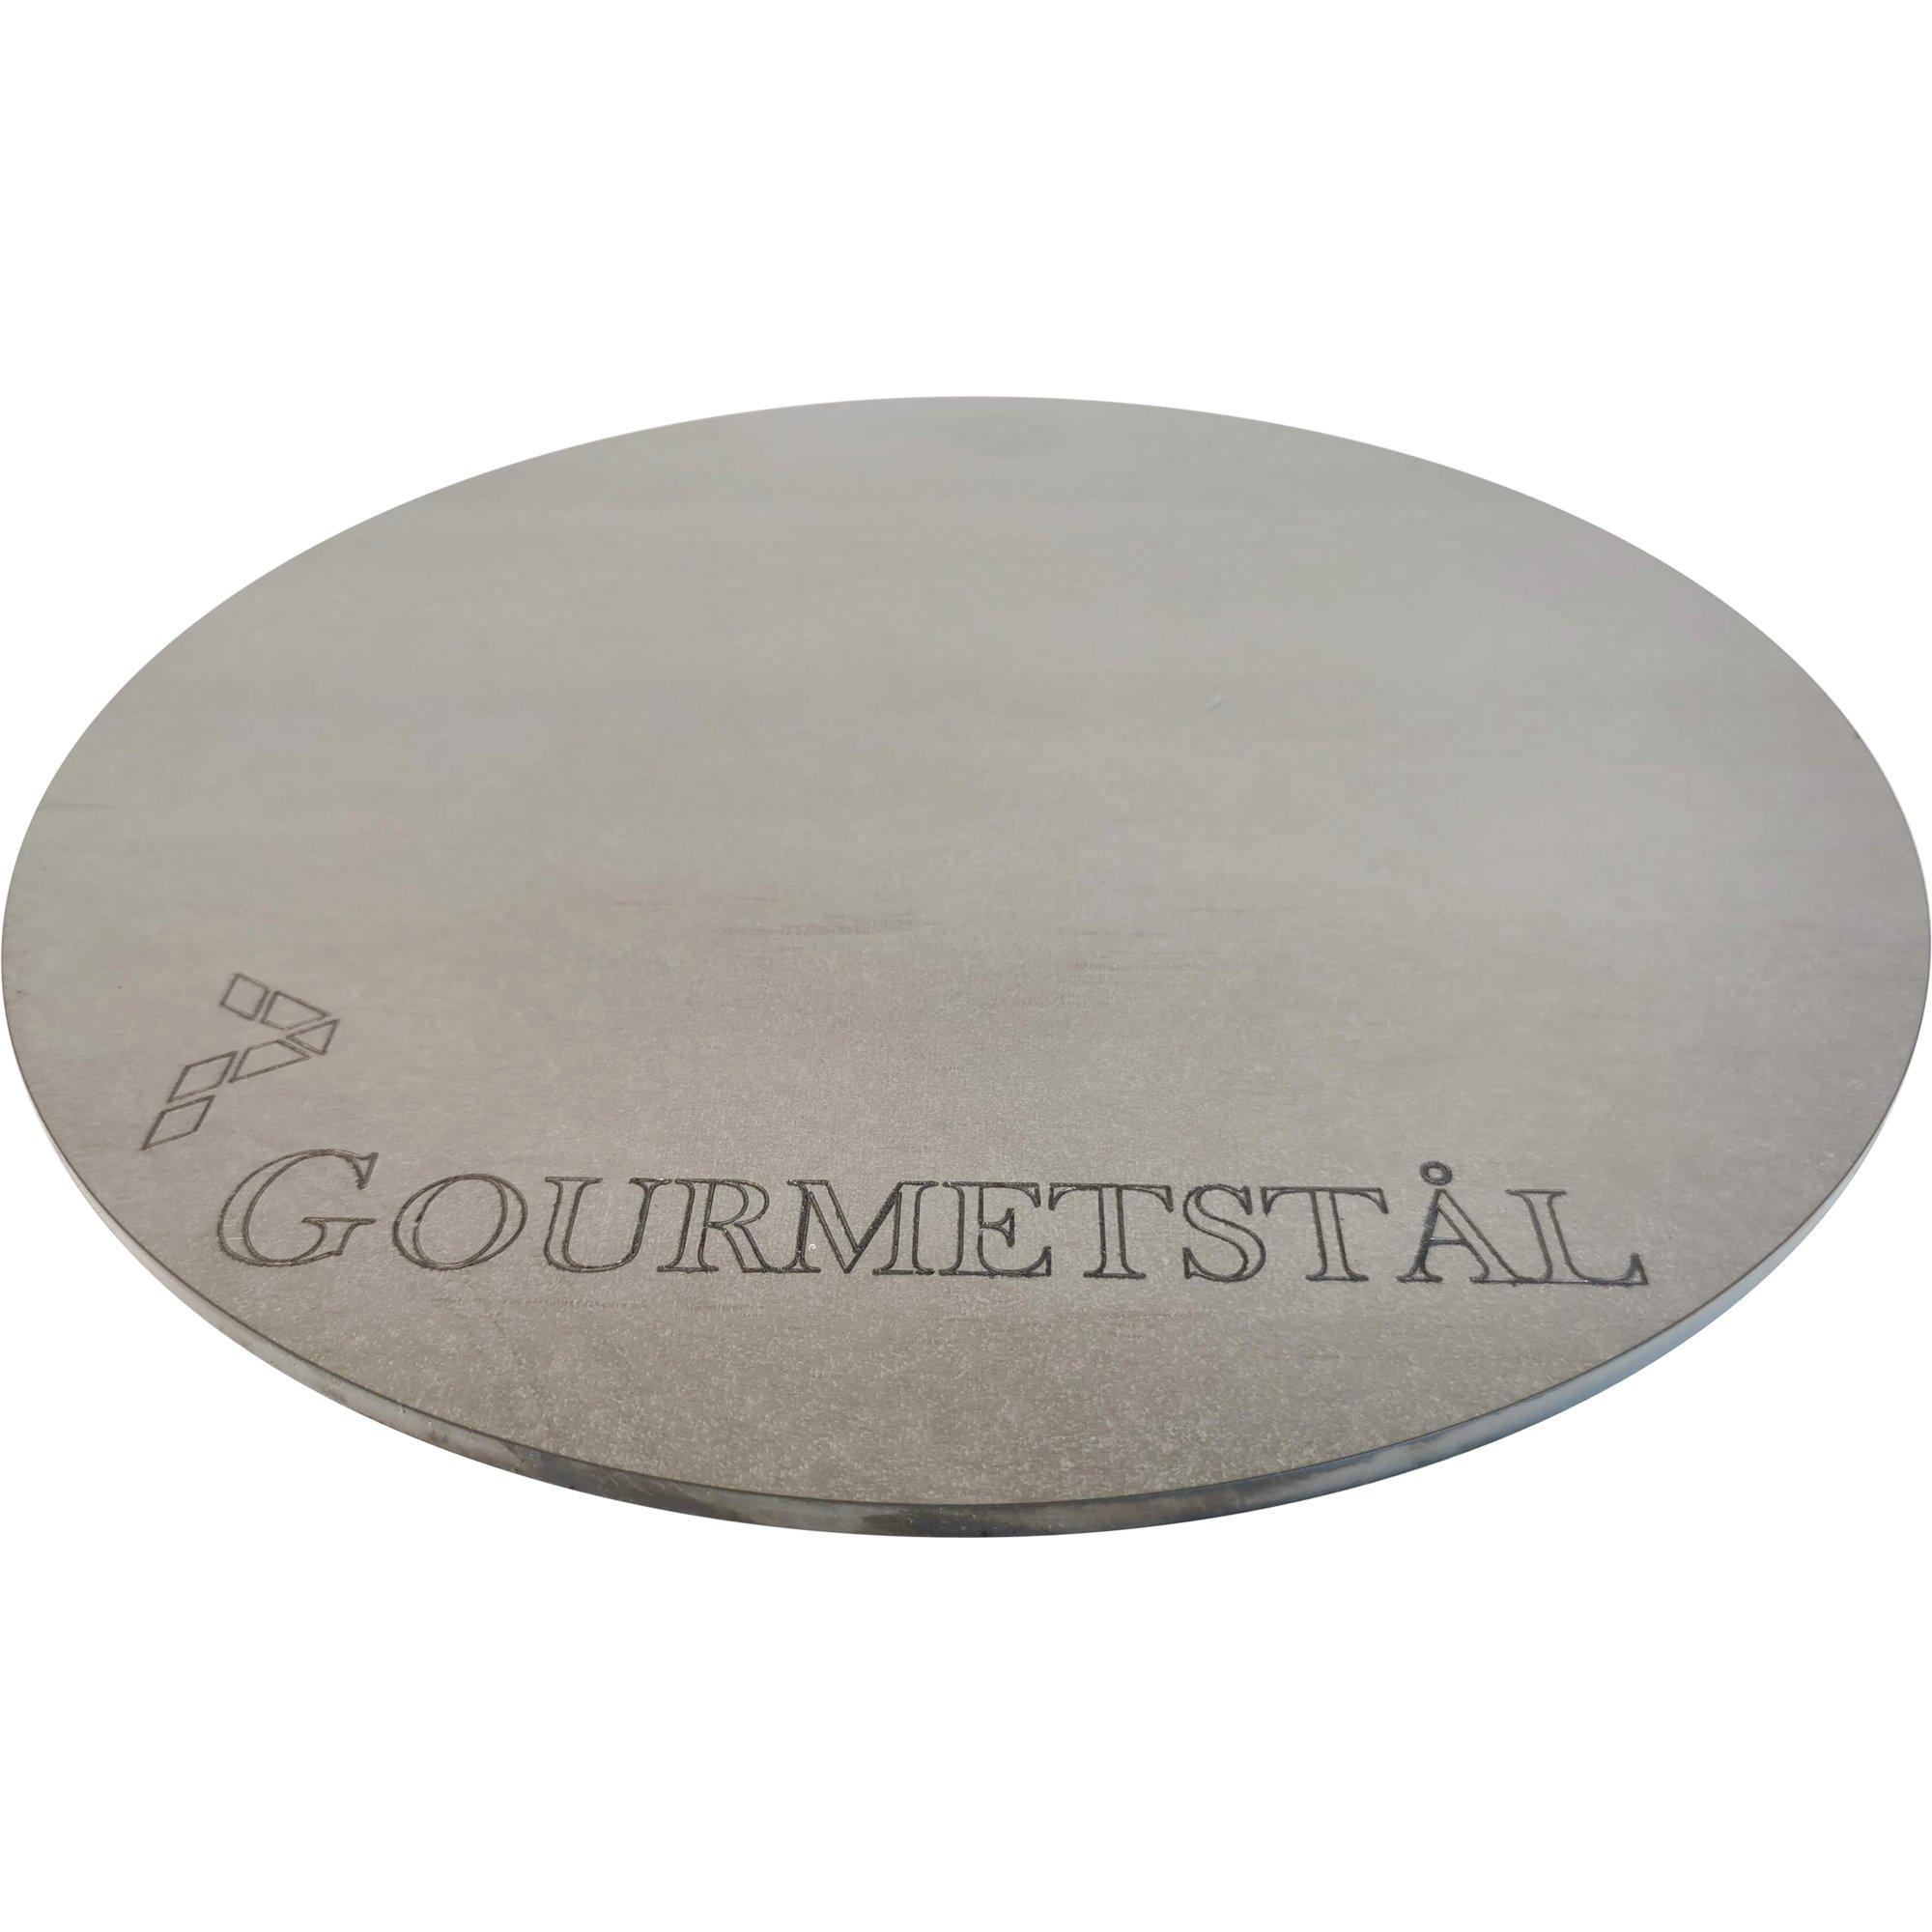 Gourmetstål Runt pizzastål 30 cm